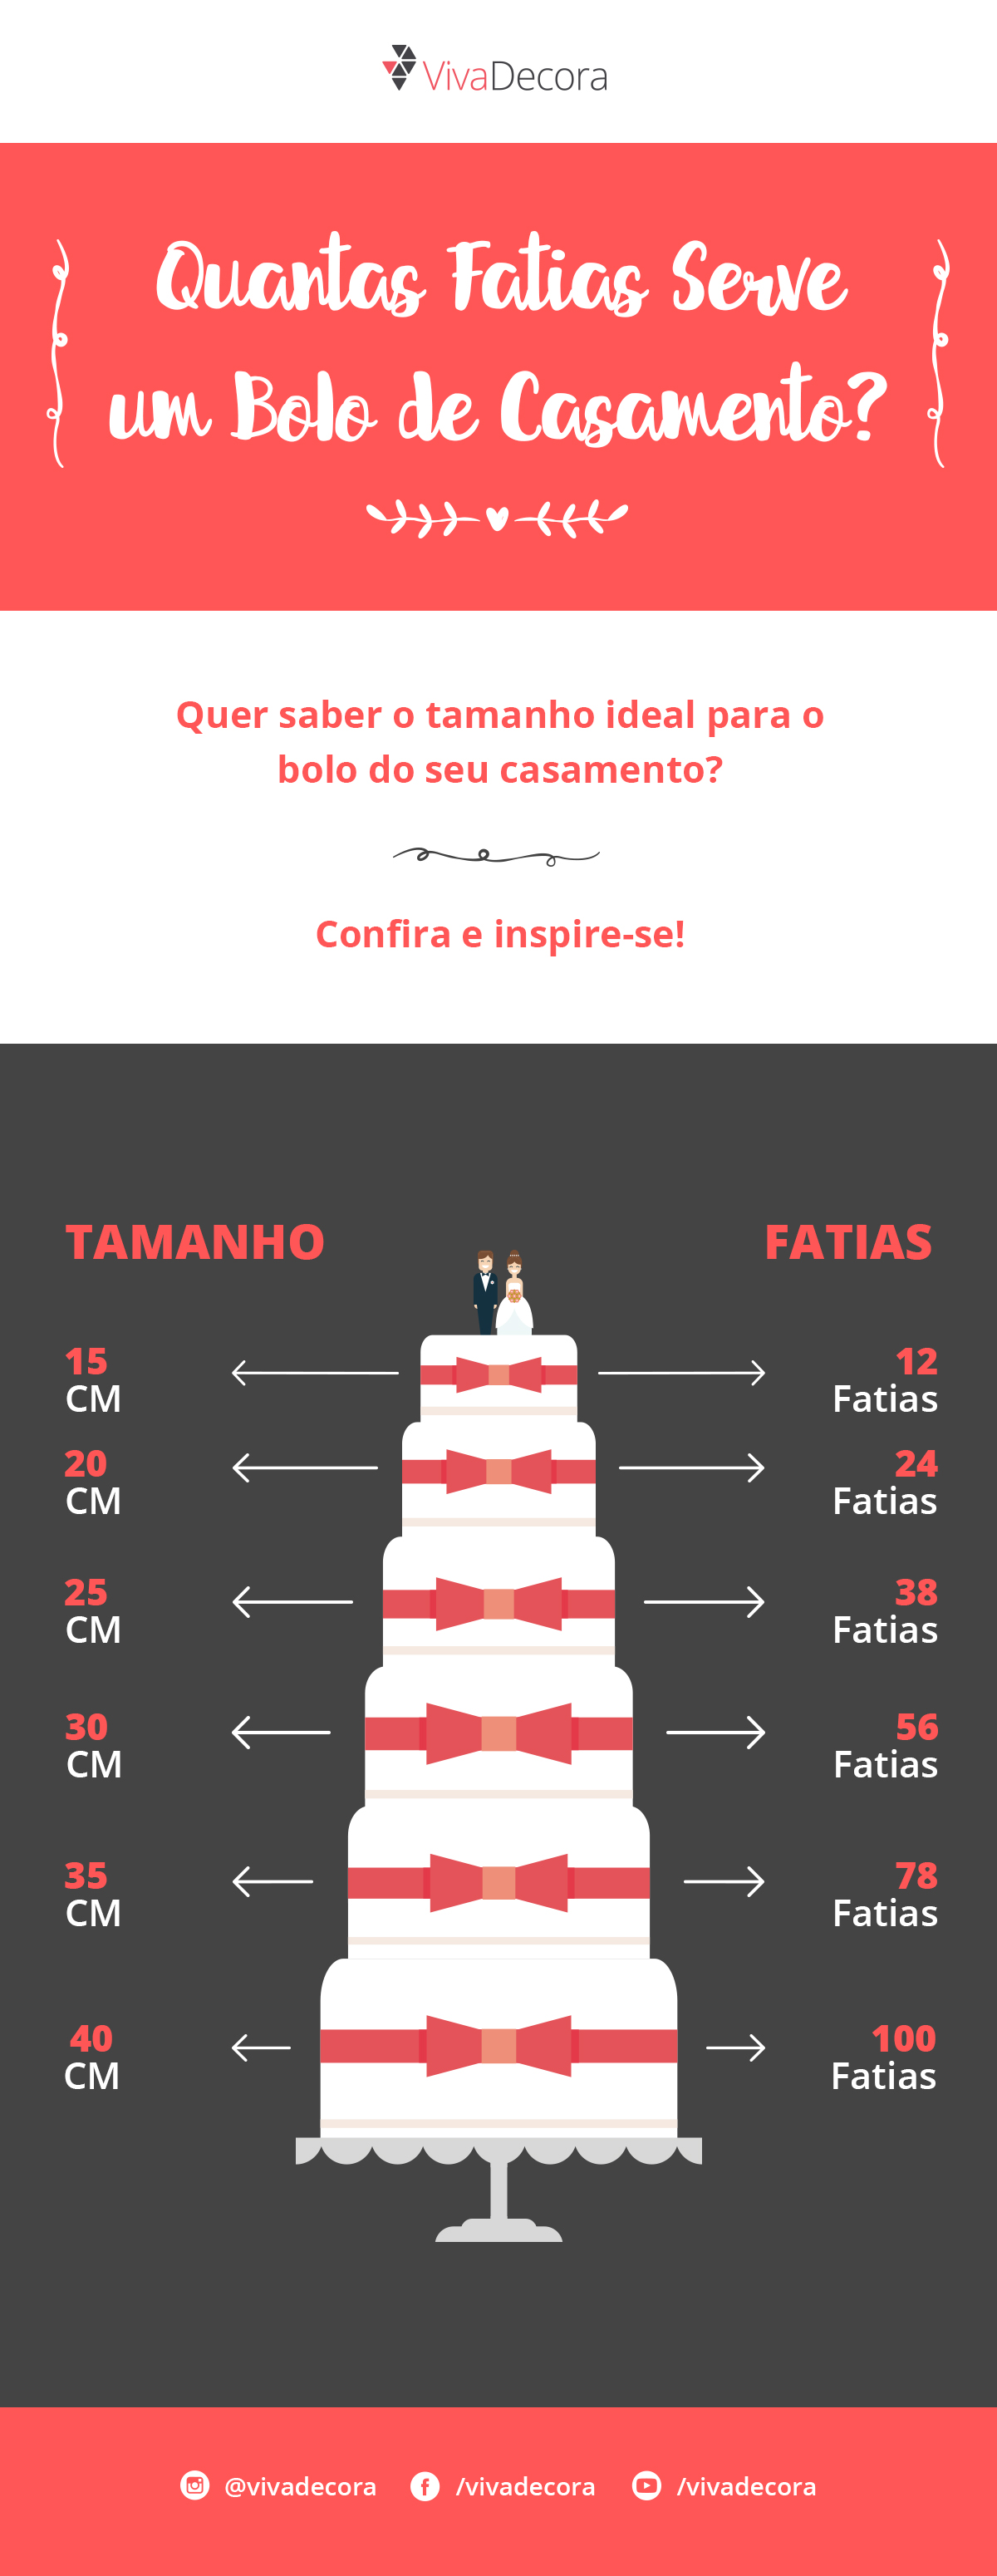 Infográfico - Quantas fatias serve um bolo de casamento?